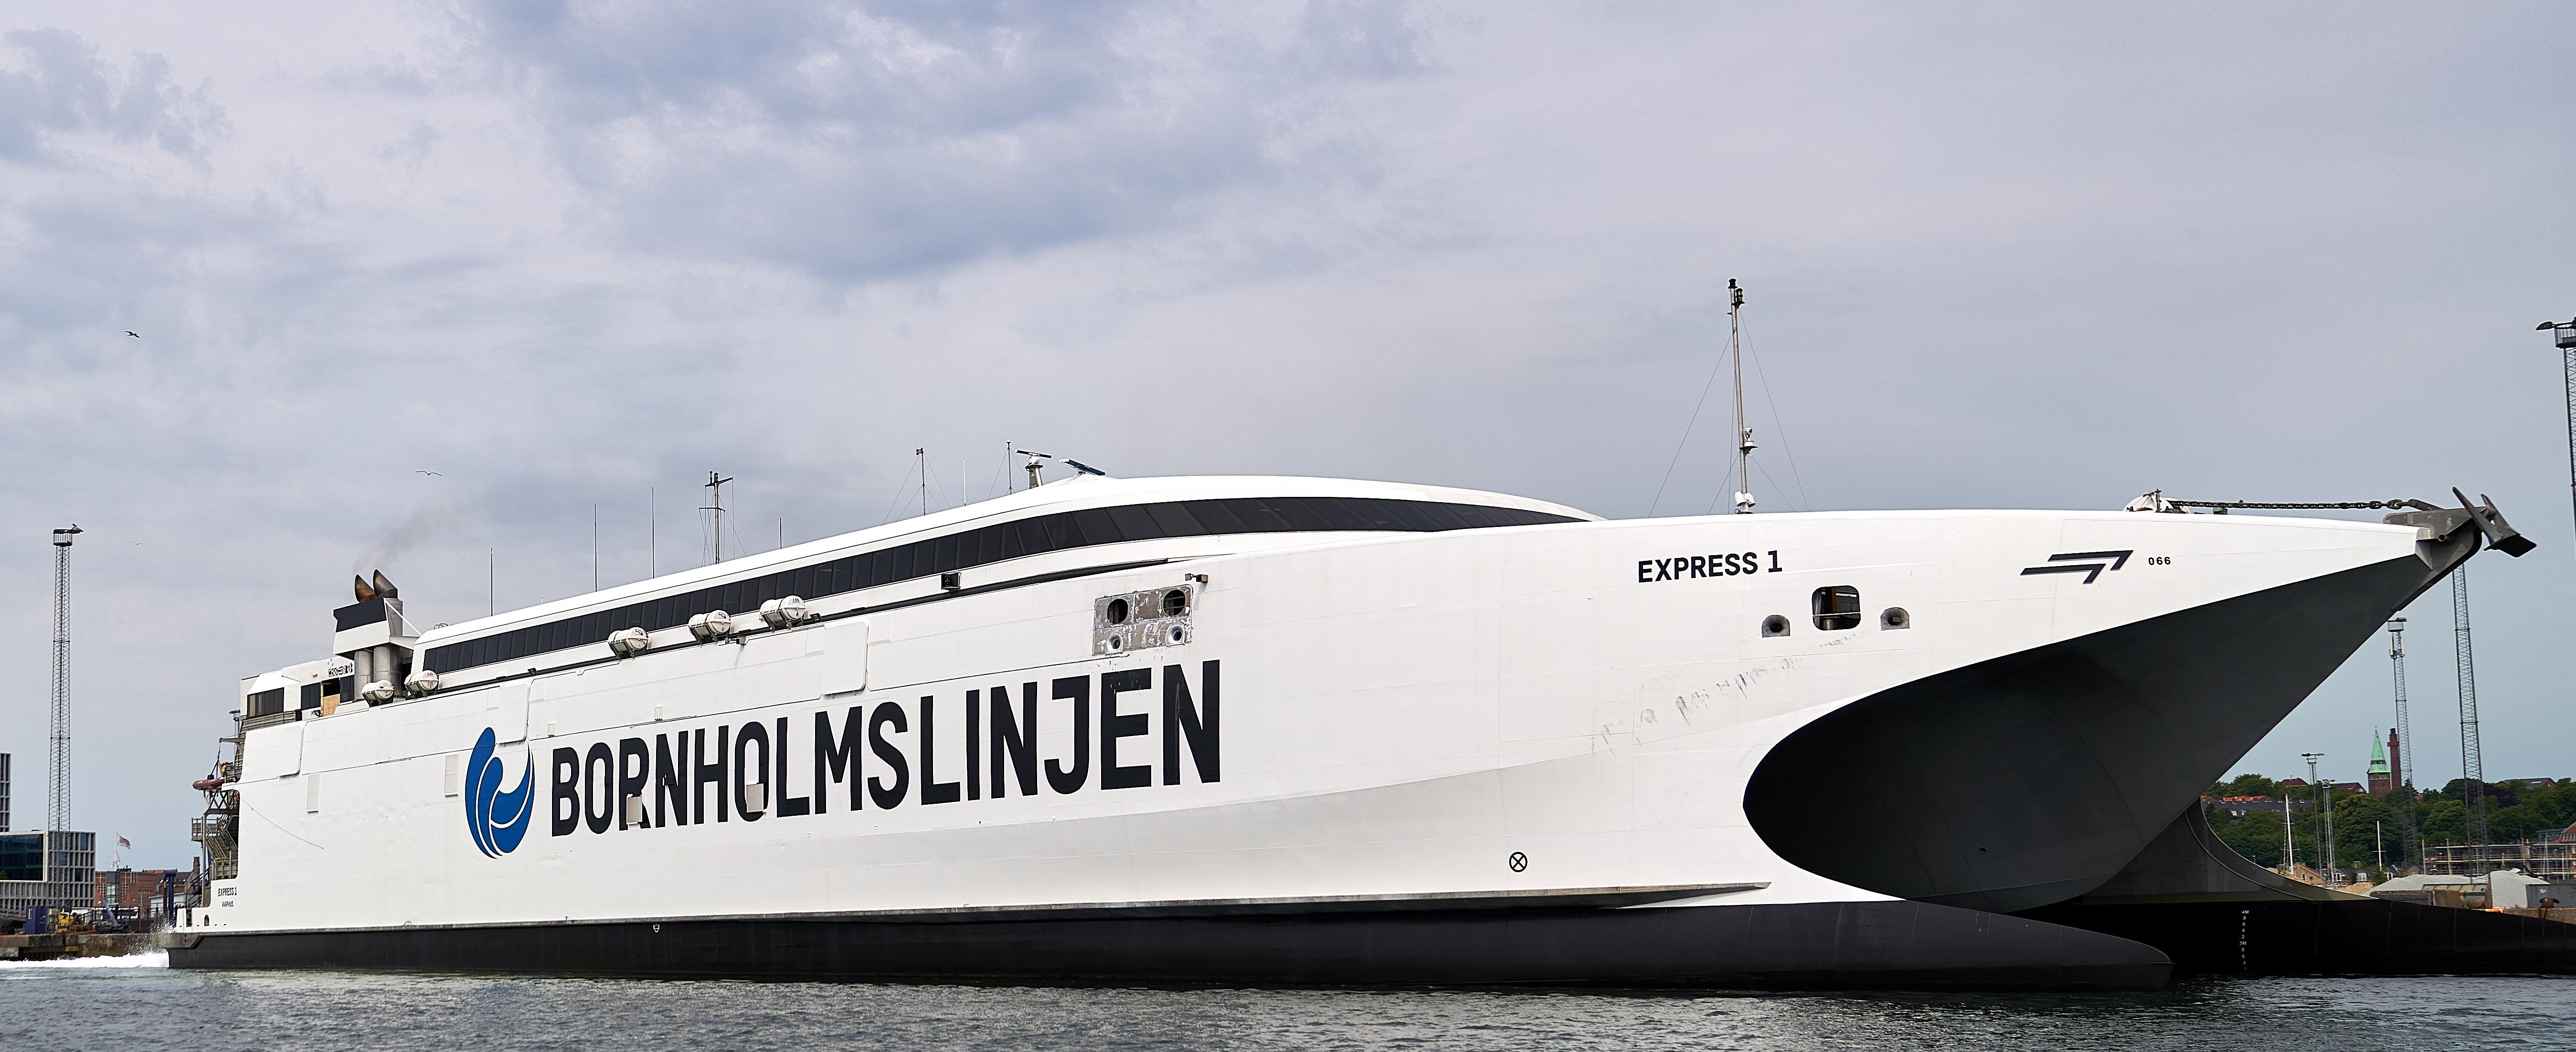 Molslinjen gør det ikke godt nok som Bornholmslinjen, lyder kritikken fra Bornholm. Foto: Molslinjen.